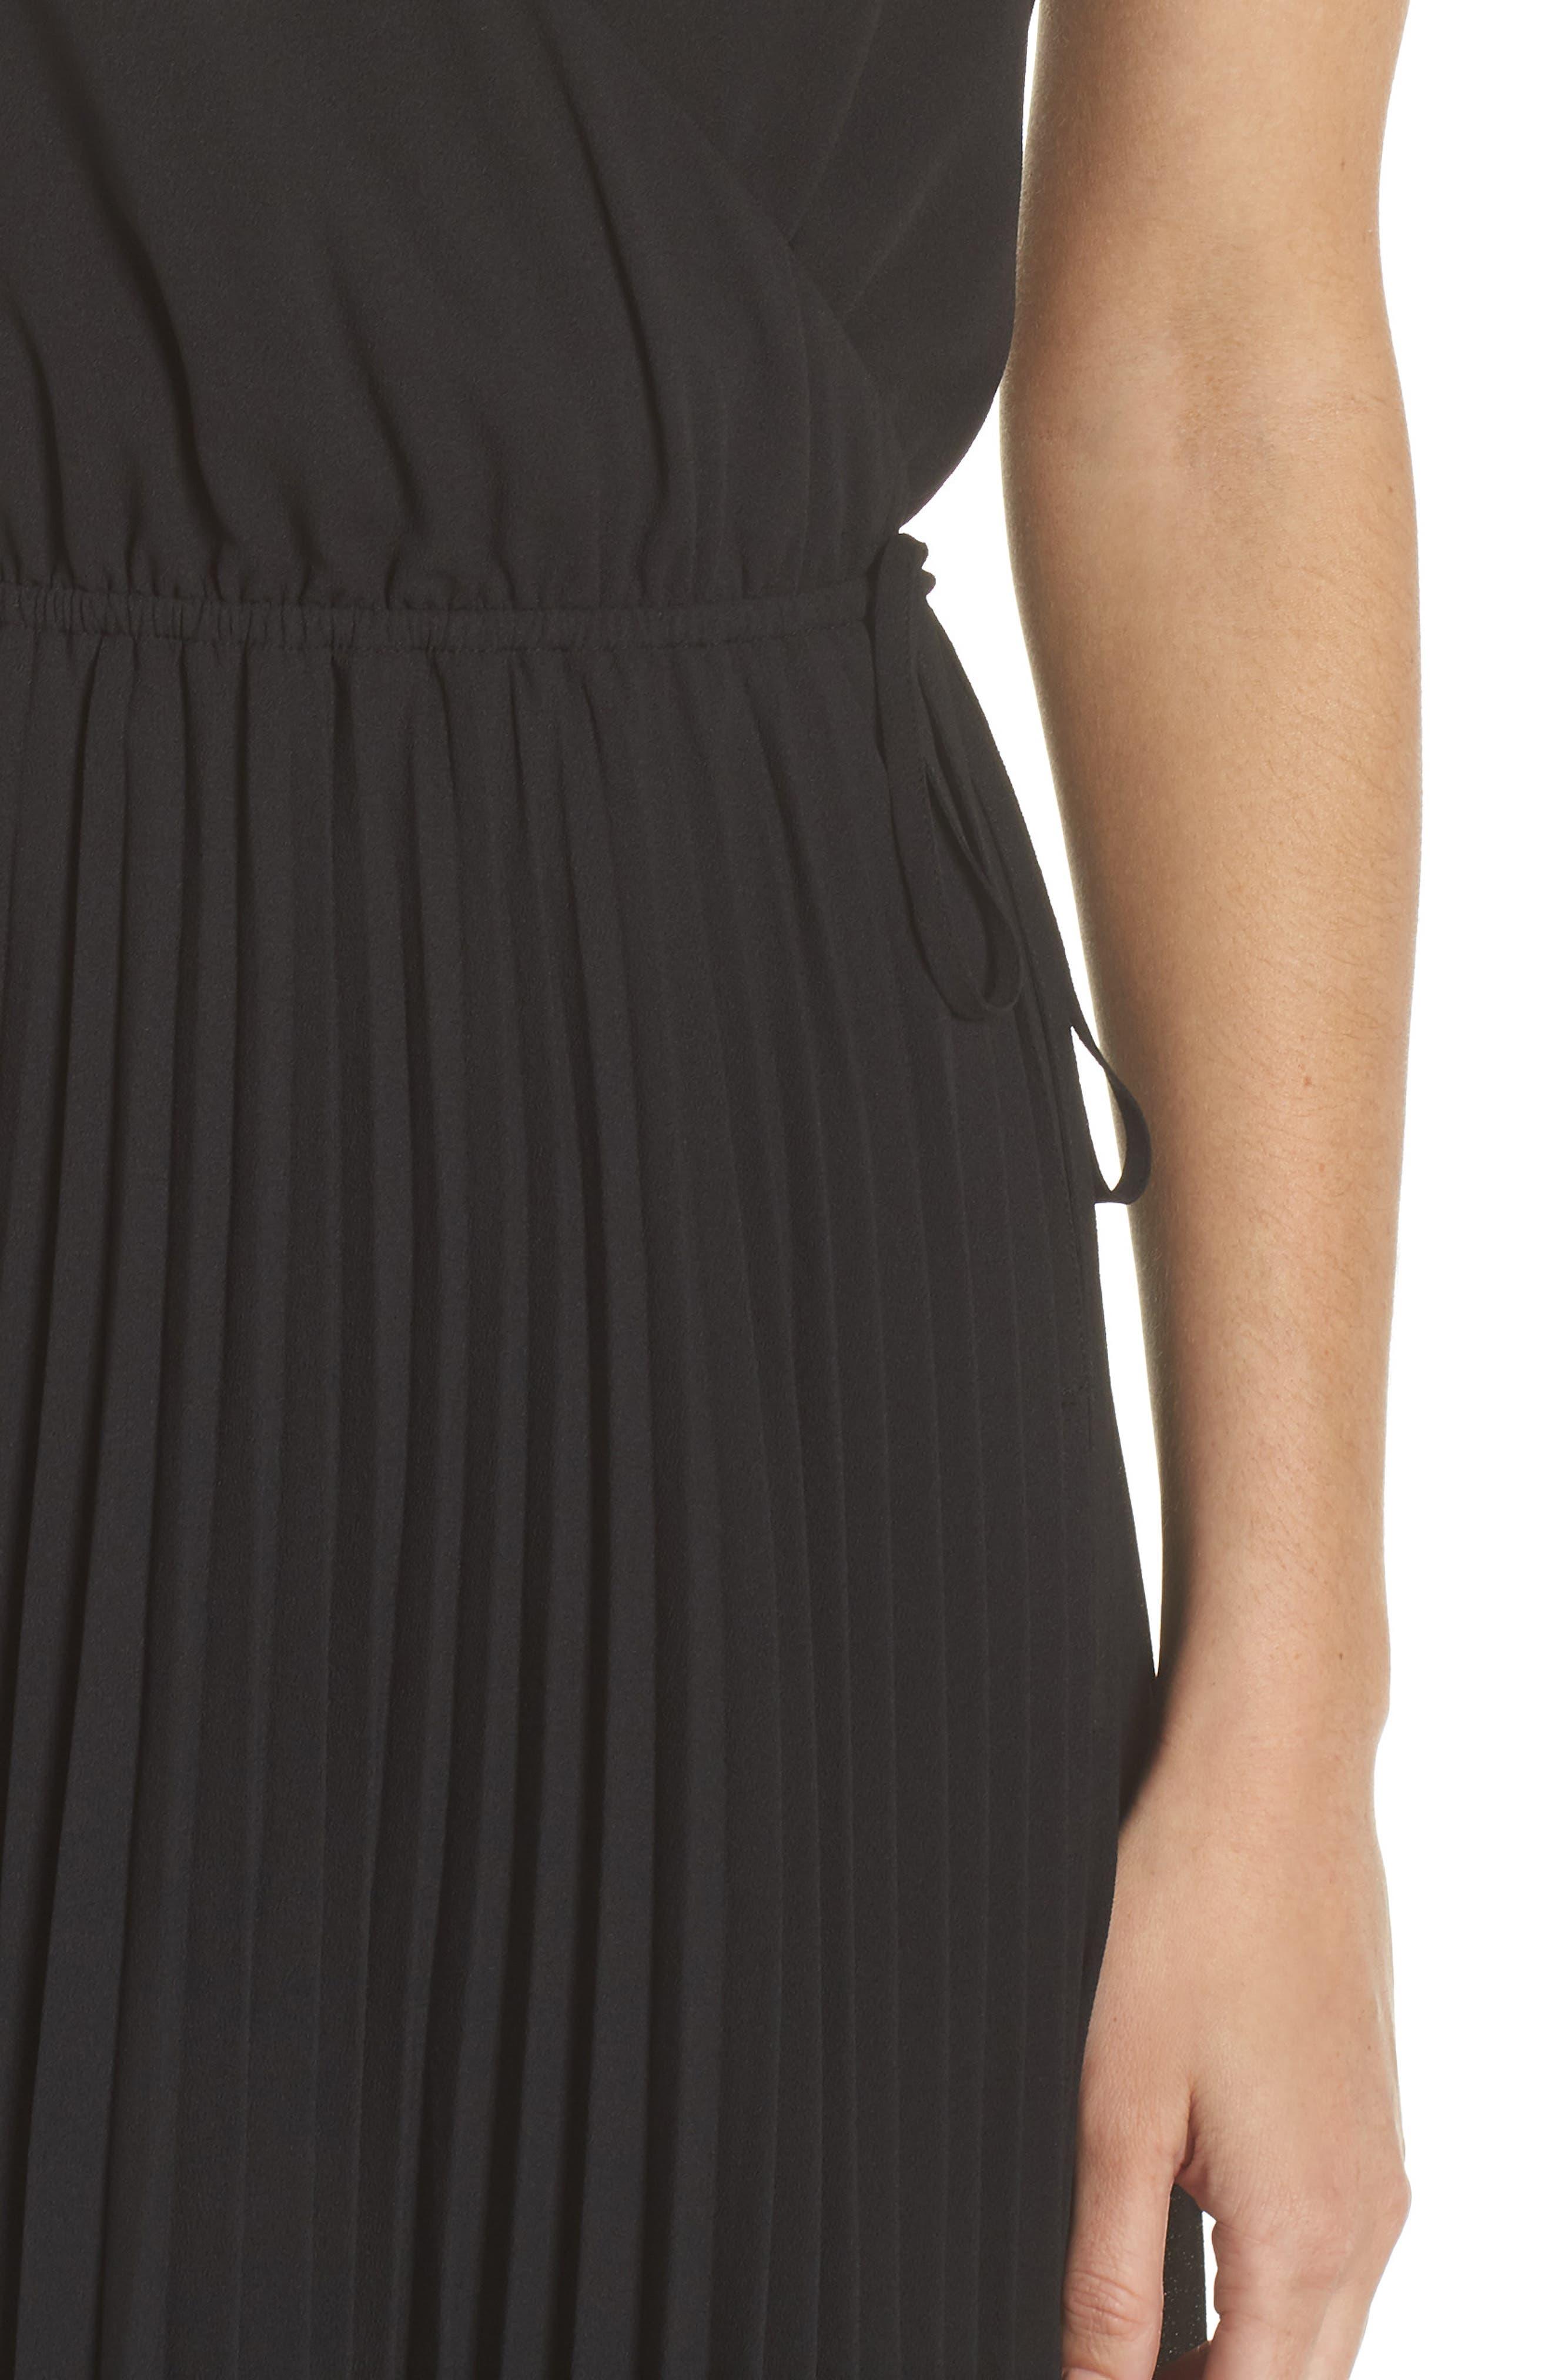 Lily Pond Faux Wrap Dress,                             Alternate thumbnail 4, color,                             001